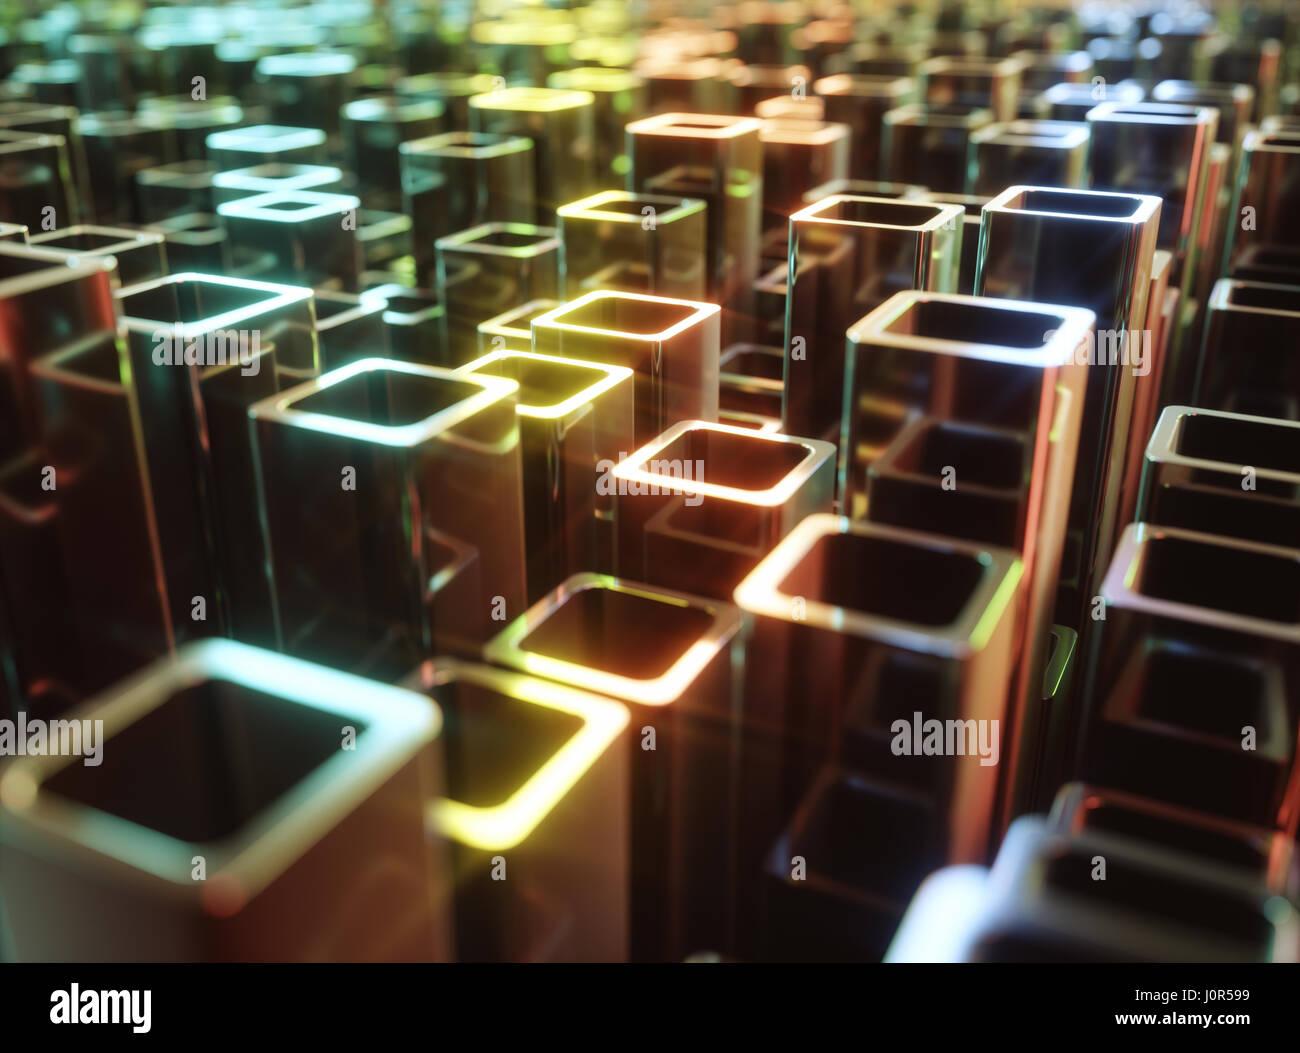 Ilustración 3D. Resumen antecedentes realizados por tubos metálicos reflejando luces coloreadas. Imagen De Stock